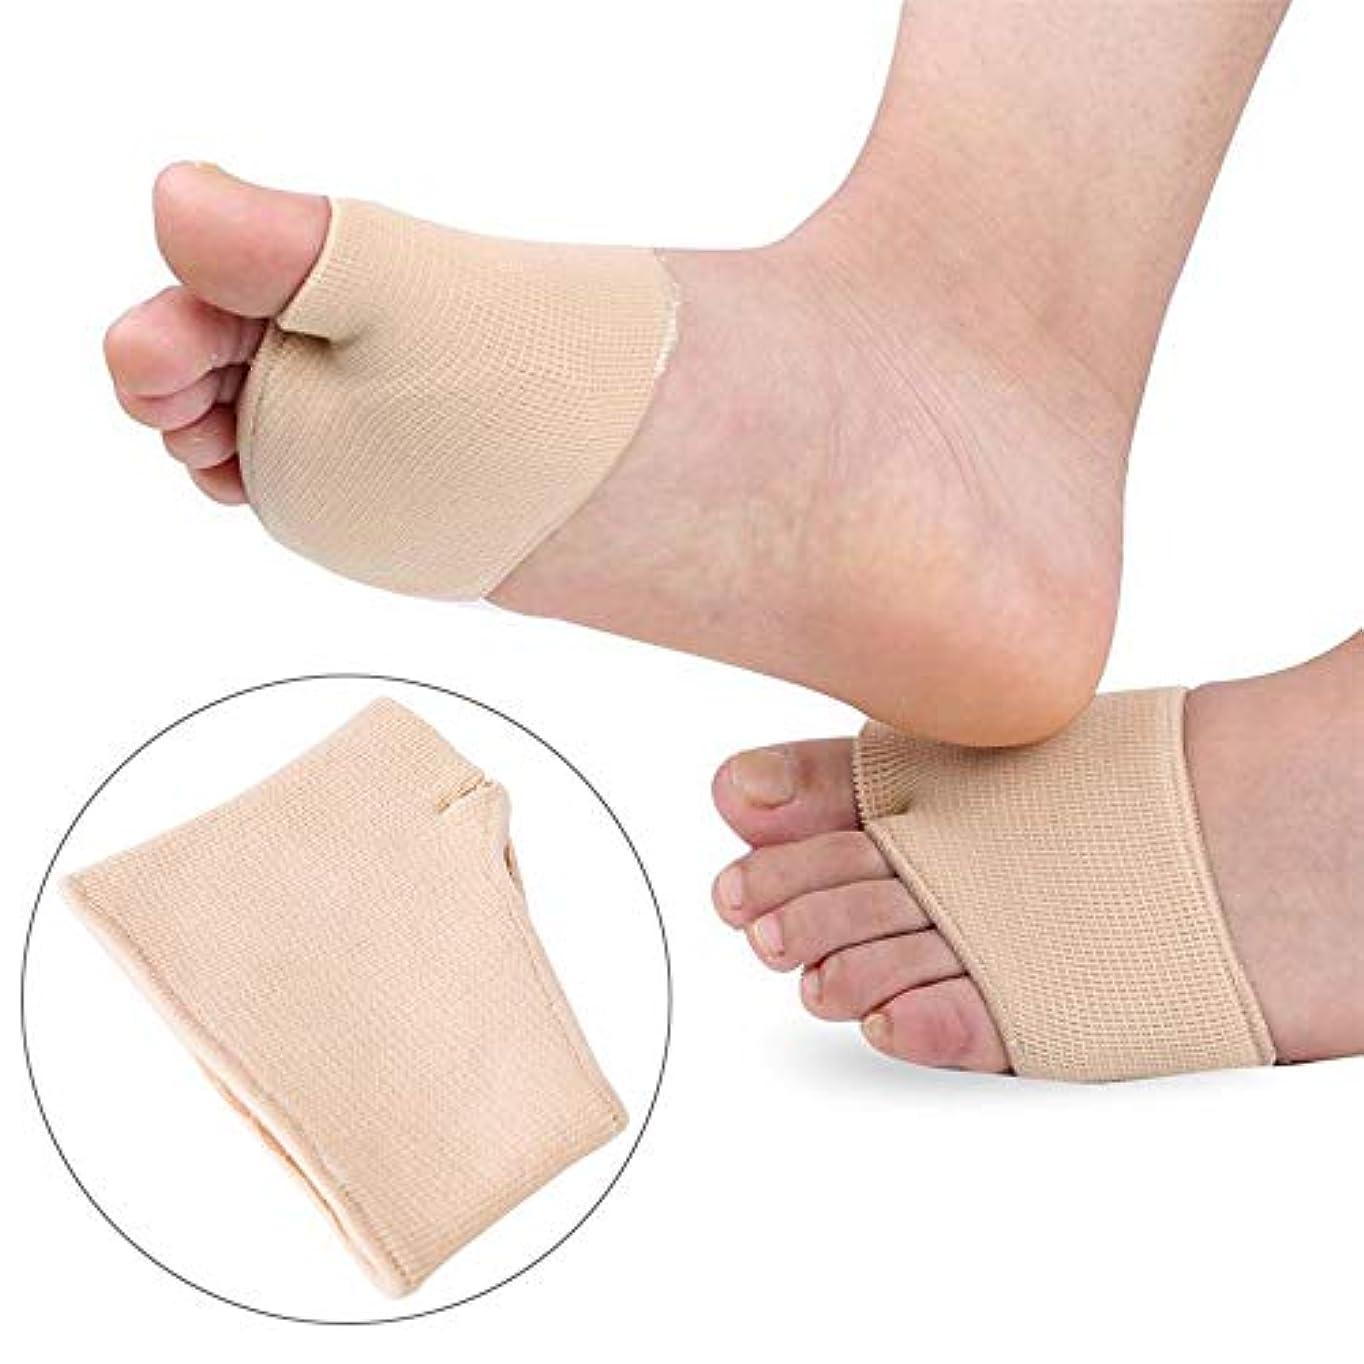 社員不安定ベルベット2ペア中足クッションシリコーンゲルパッド足の痛み前足靴インソールつま先,S